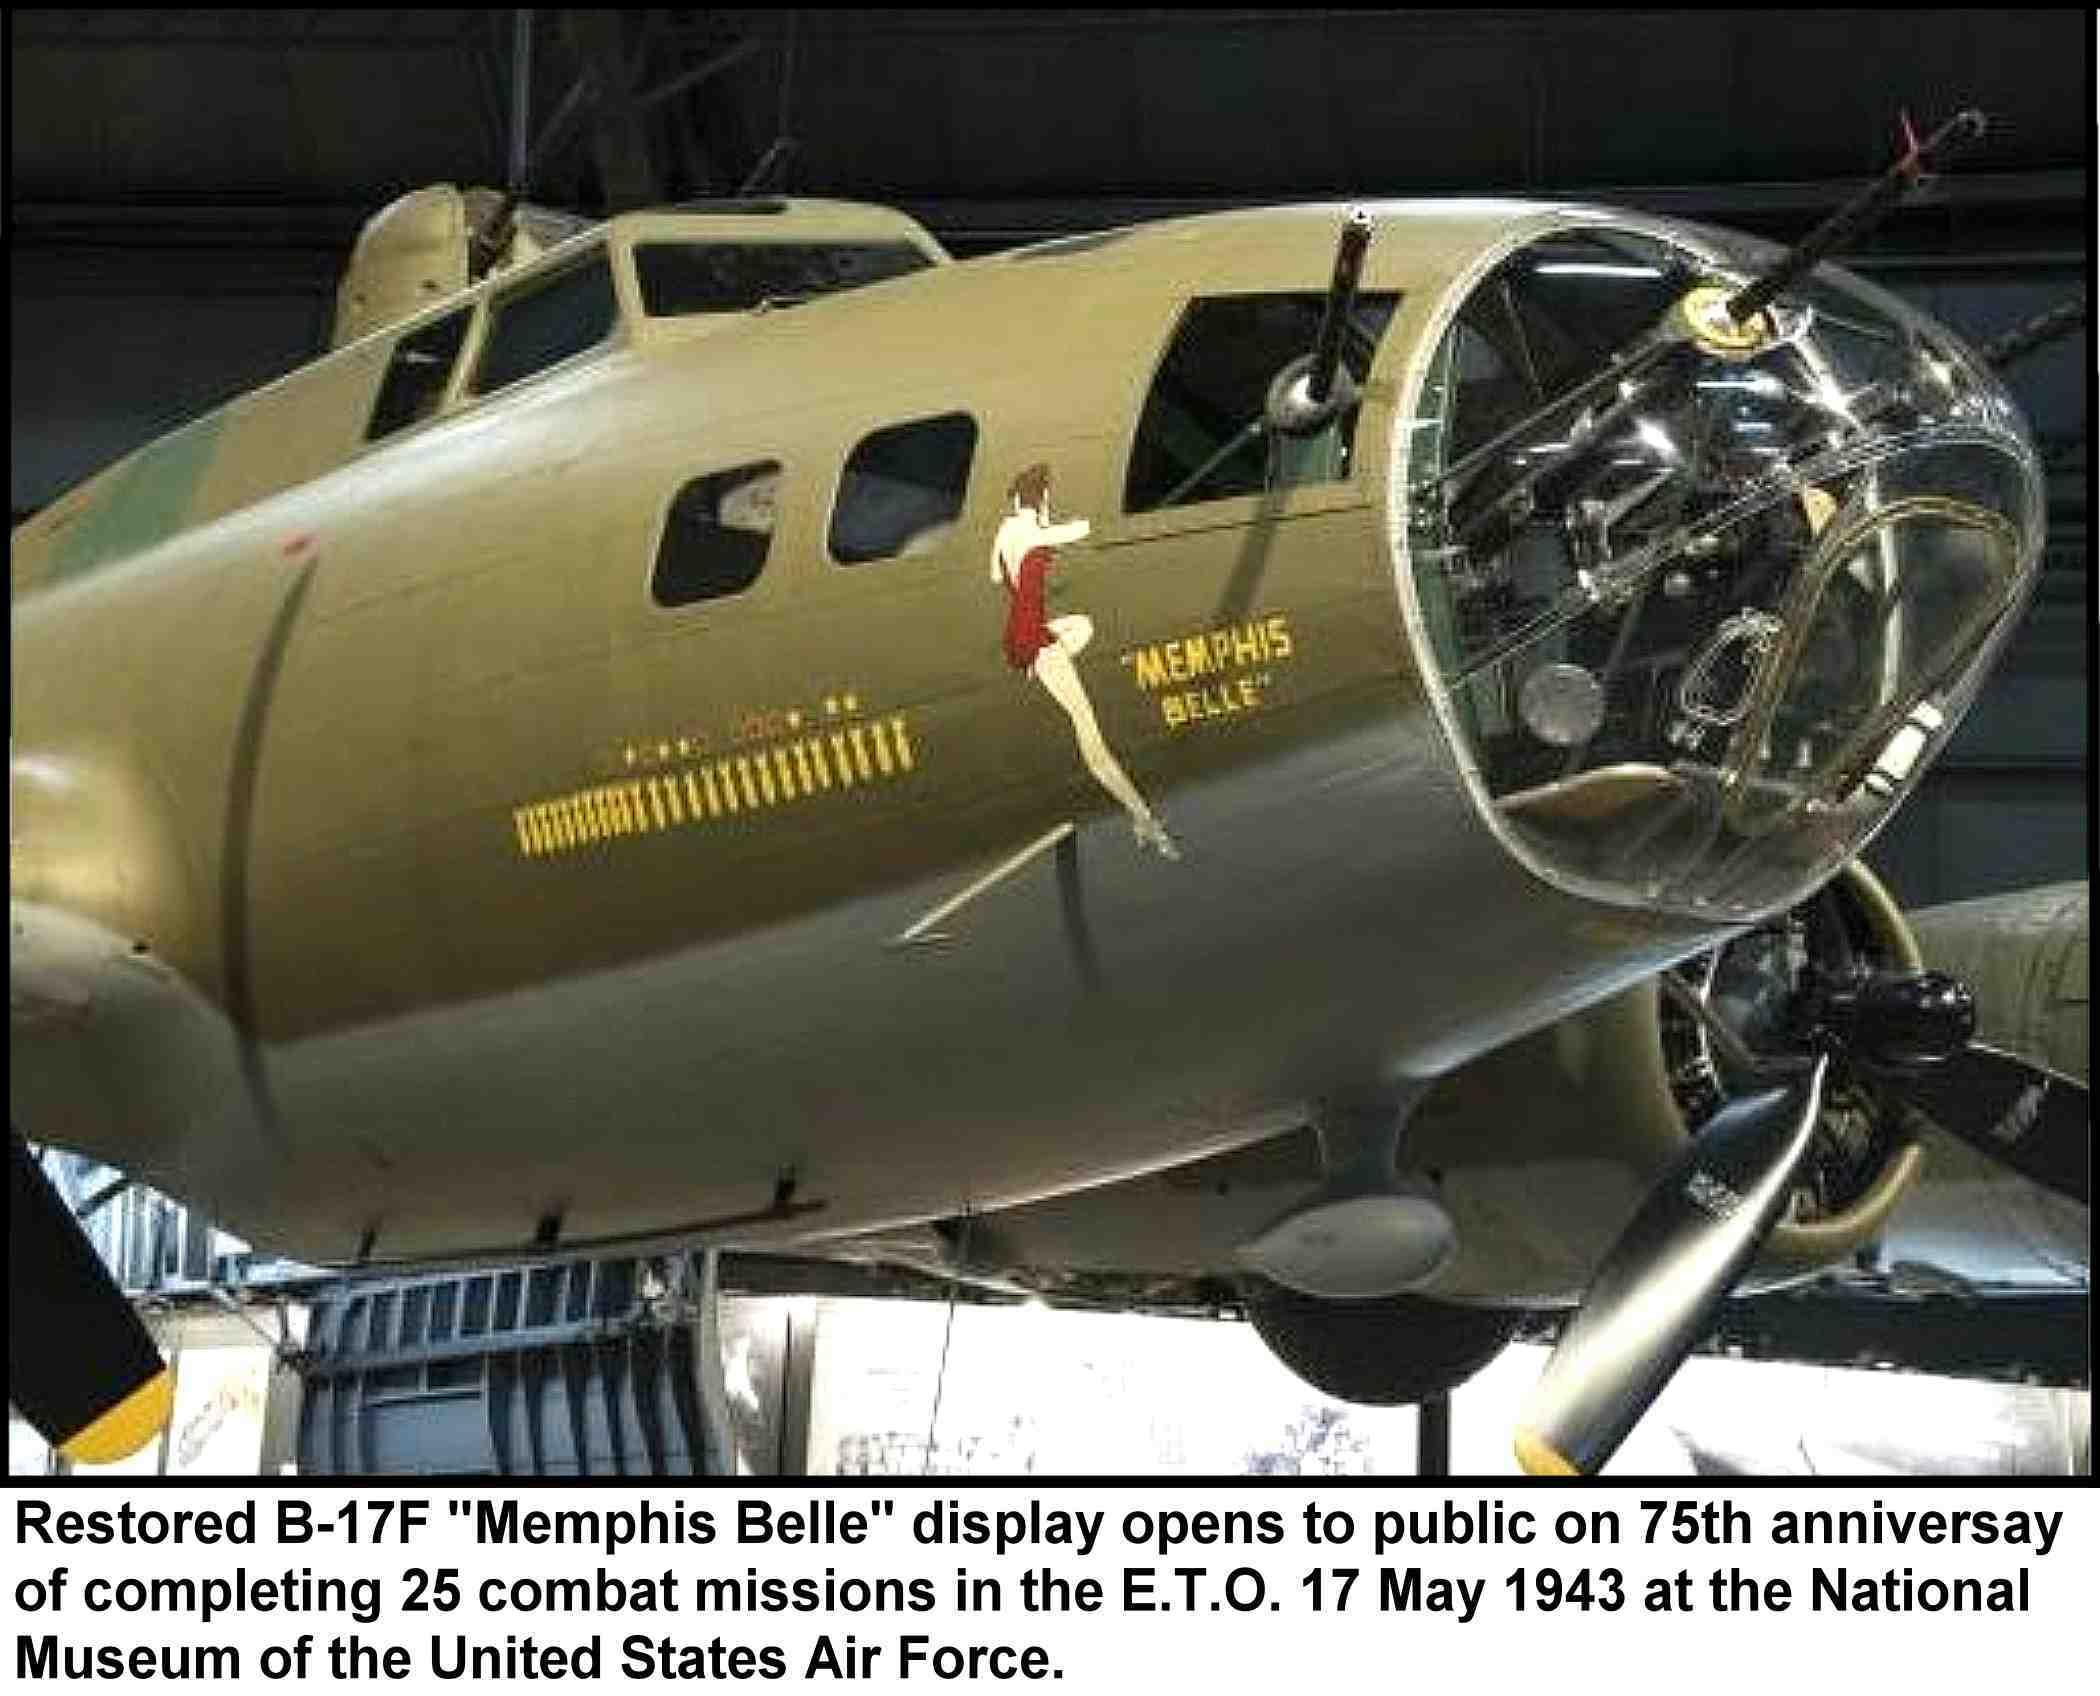 MemphisBelleCrew1945a.JPG